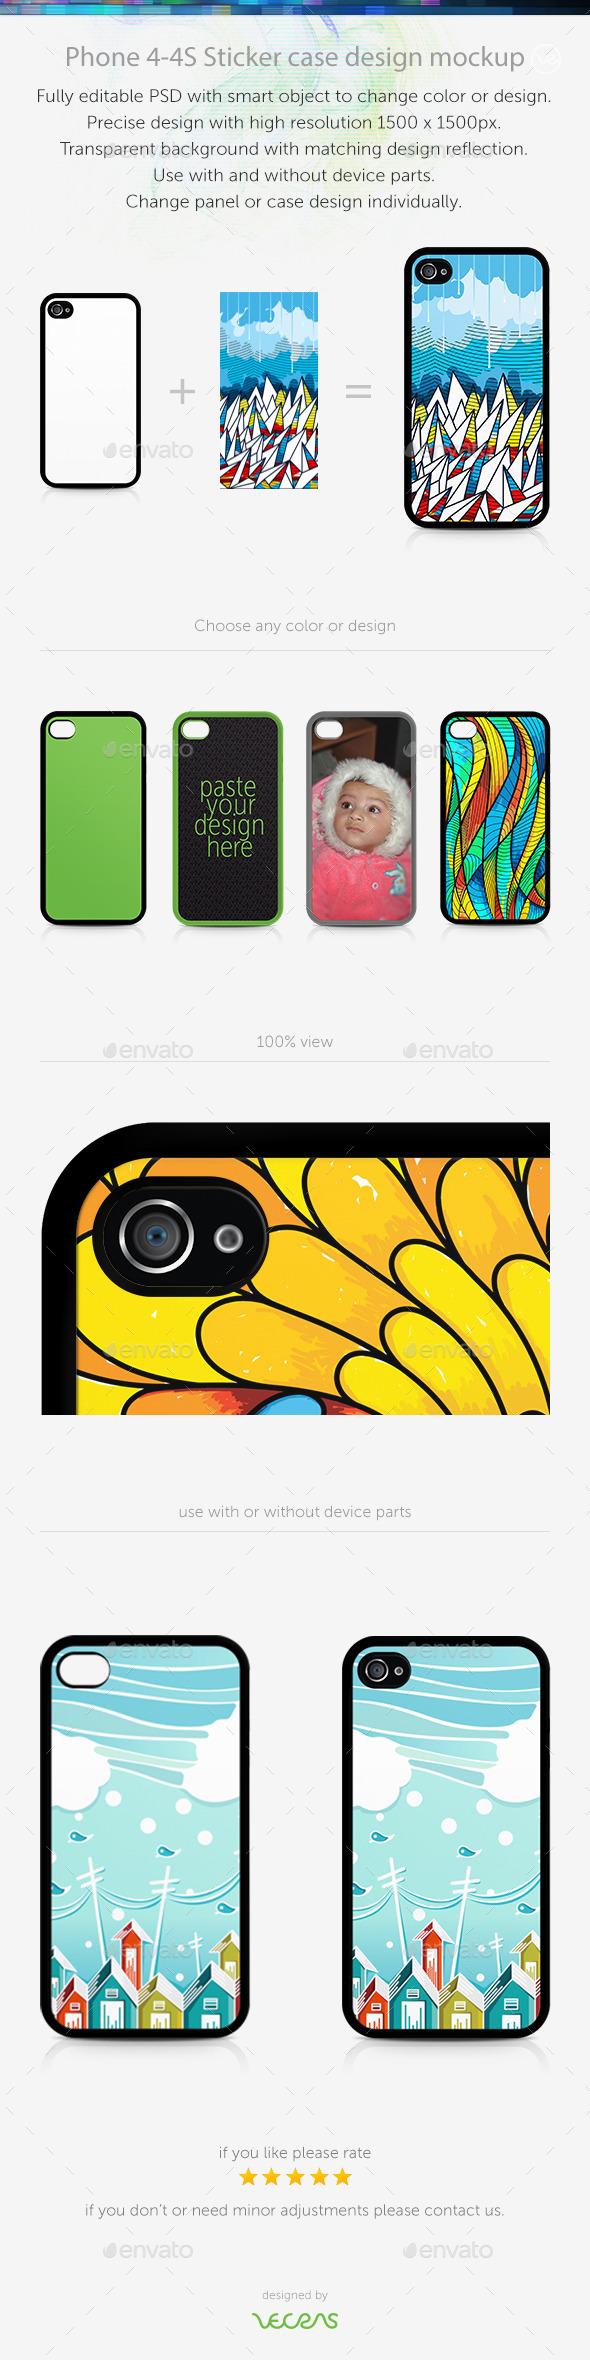 GraphicRiver Phone 4-4S Sticker Case Design Mockup 10449464